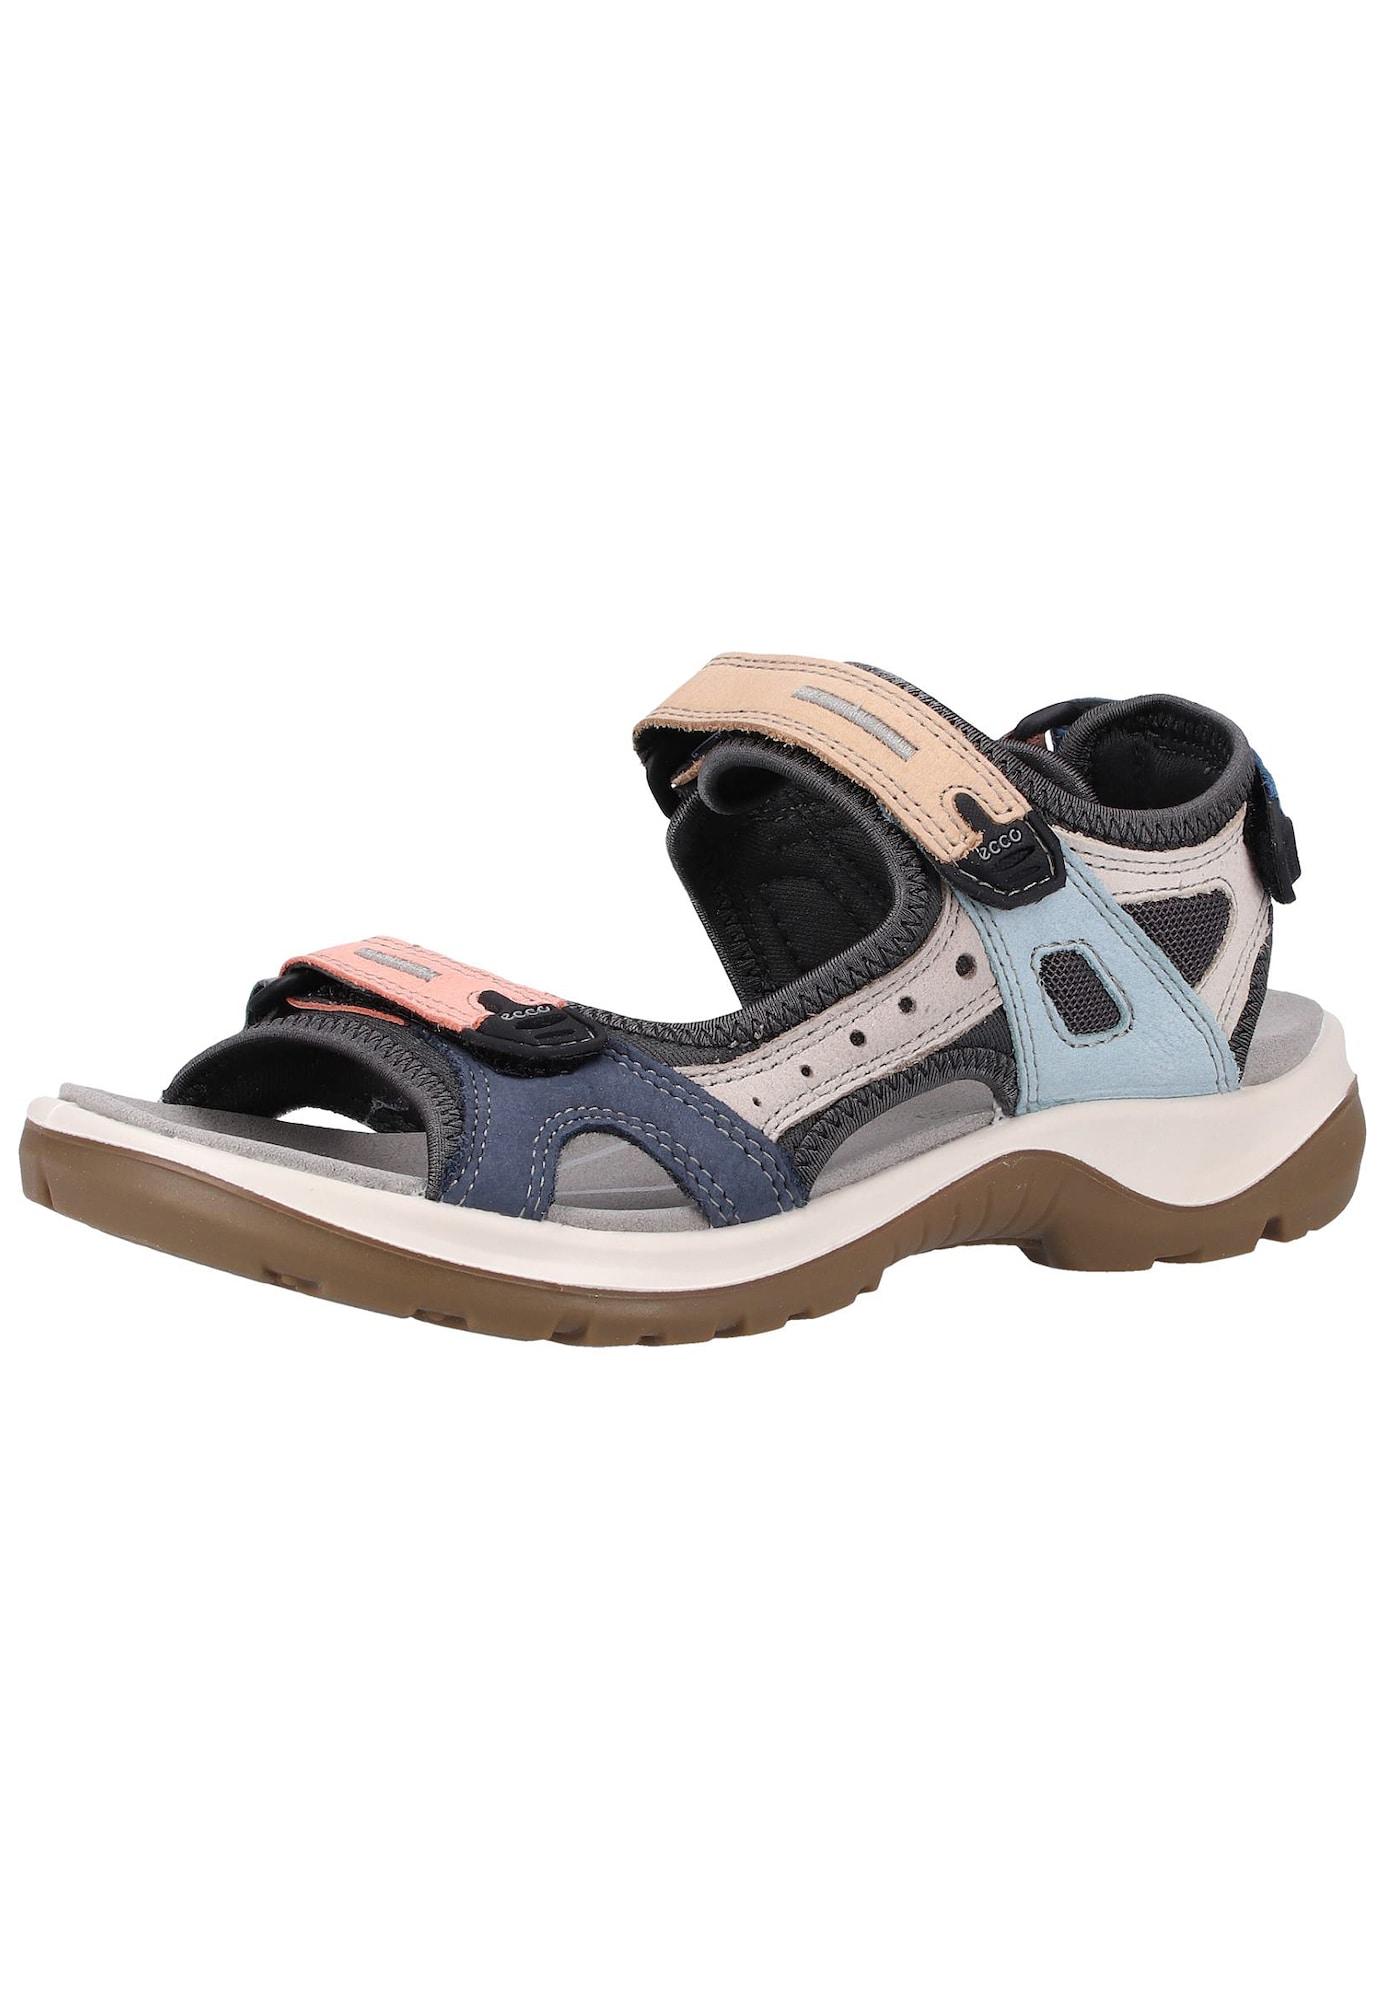 ECCO Sportinio tipo sandalai mišrios spalvos